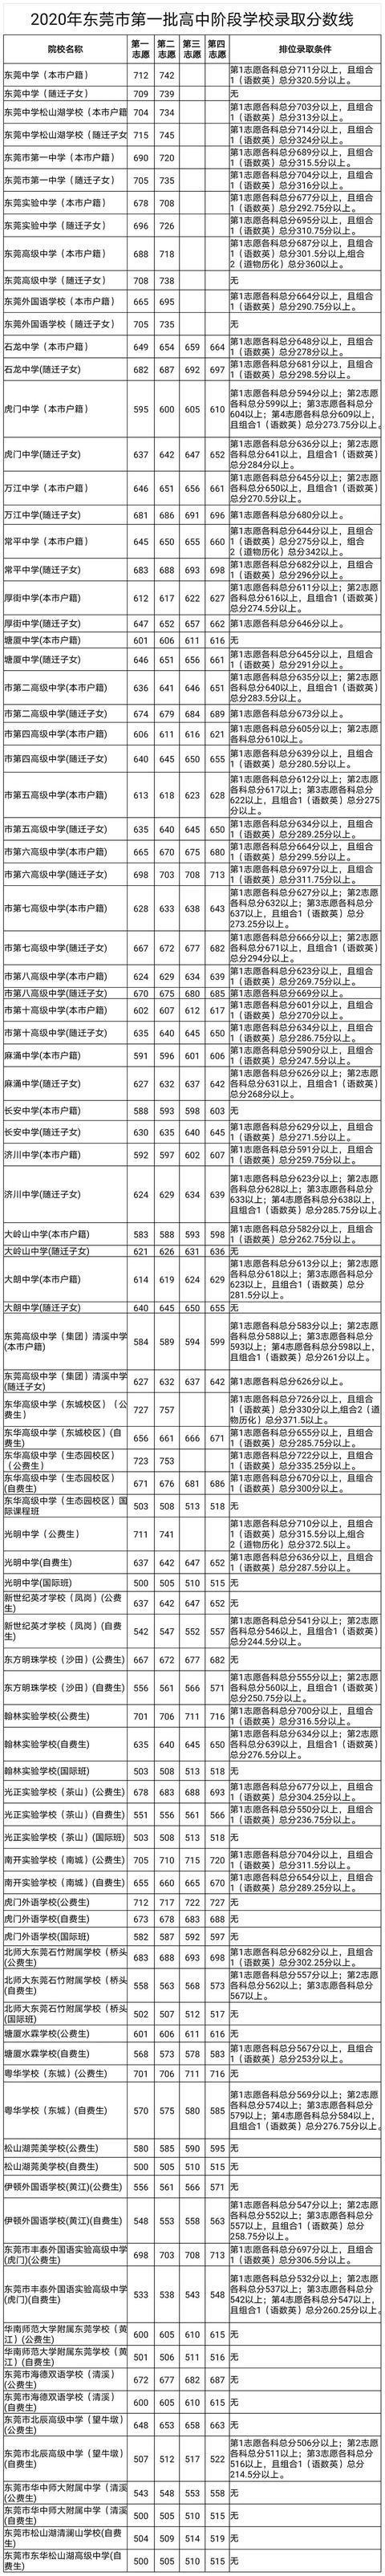 东莞2020年中考第一批录取分数线出炉,同比去年普降